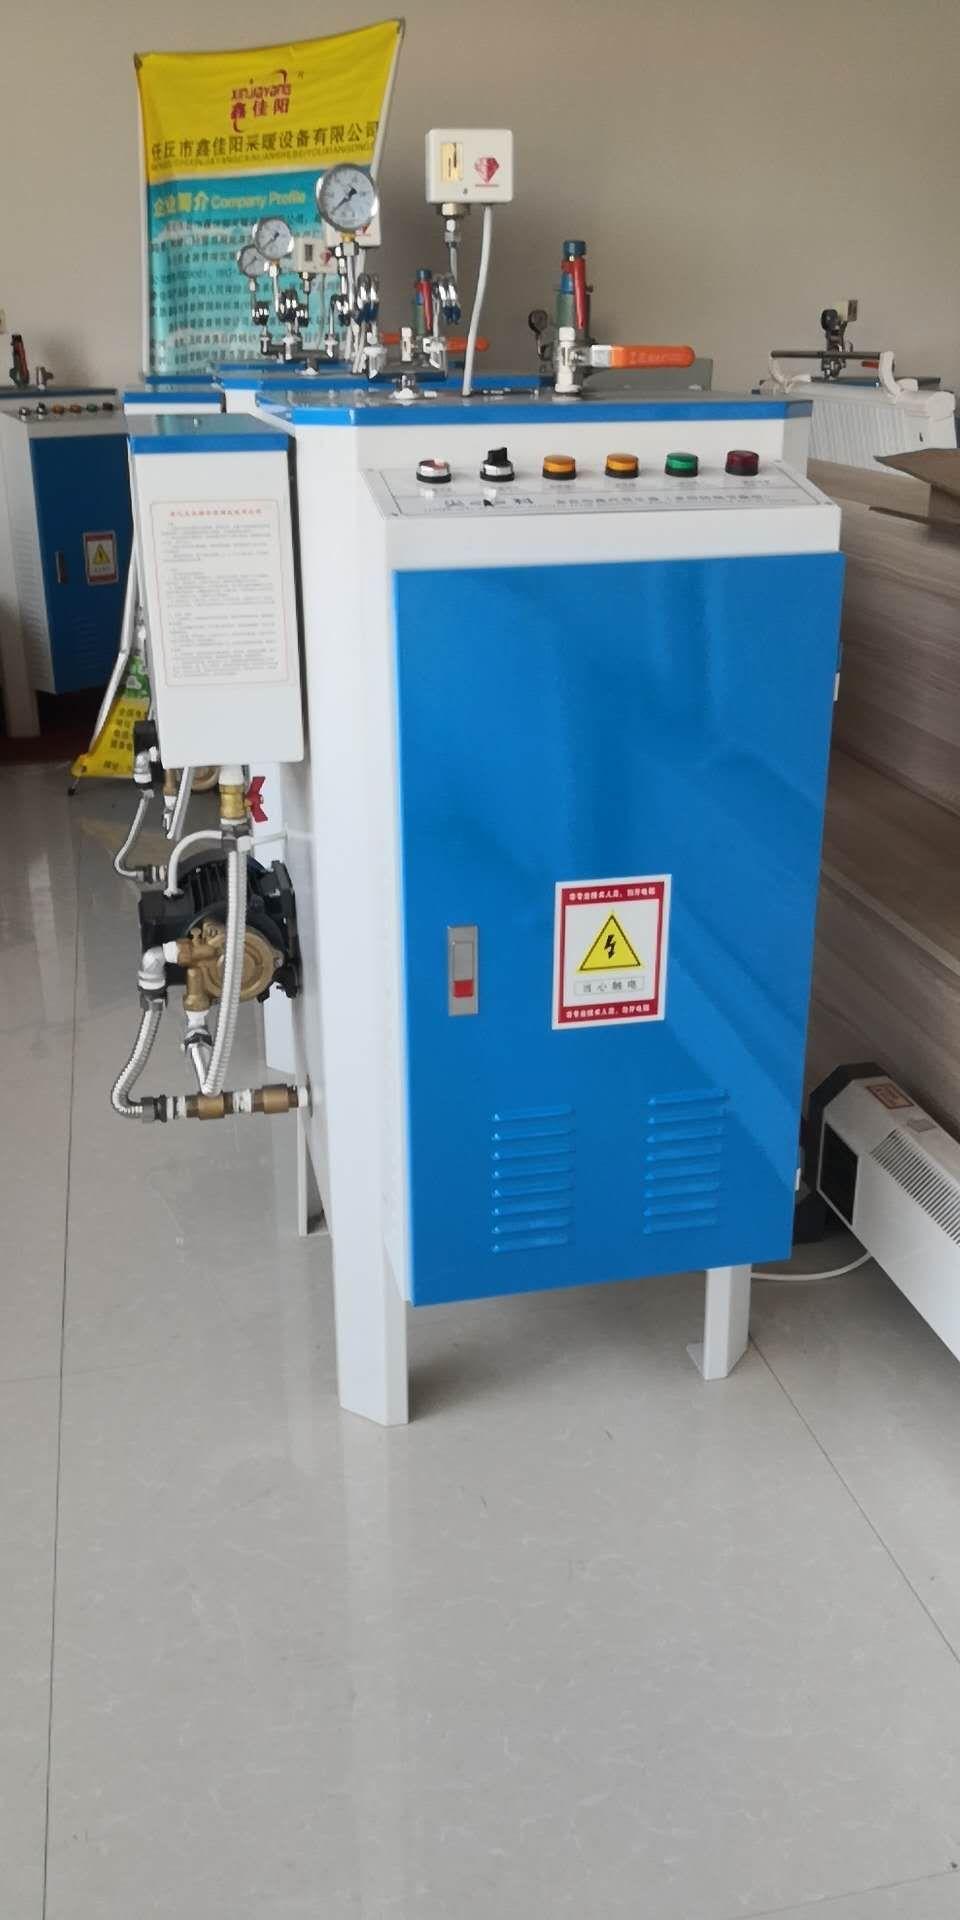 吐鲁番蒸汽发生器哪家好 振春水暖供应